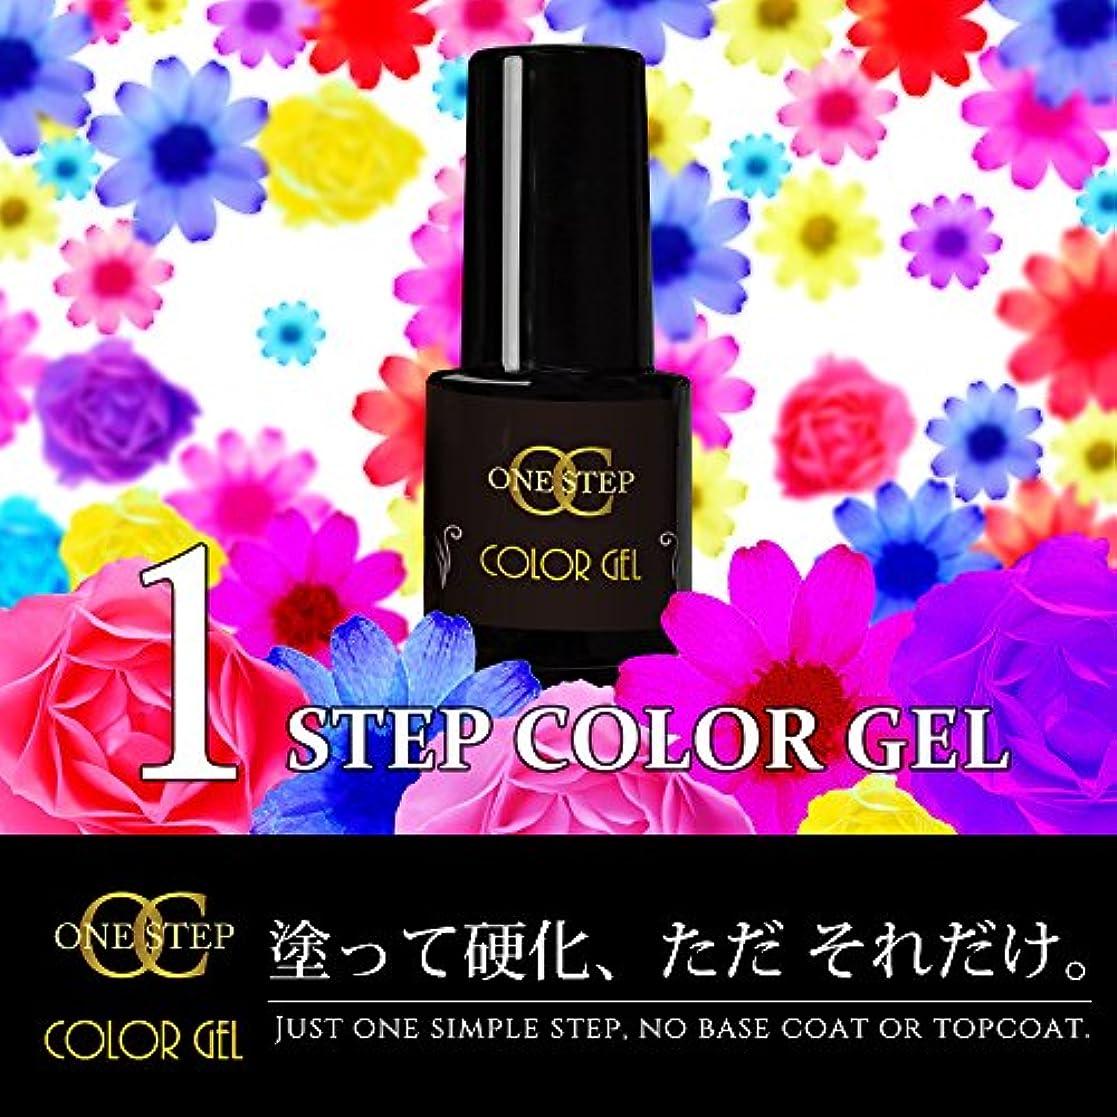 クリエイティブドラッグのどジェルネイル《塗って硬化させるだけ!》ワンステップカラージェル ( 5g ) (B-07 / T167N)